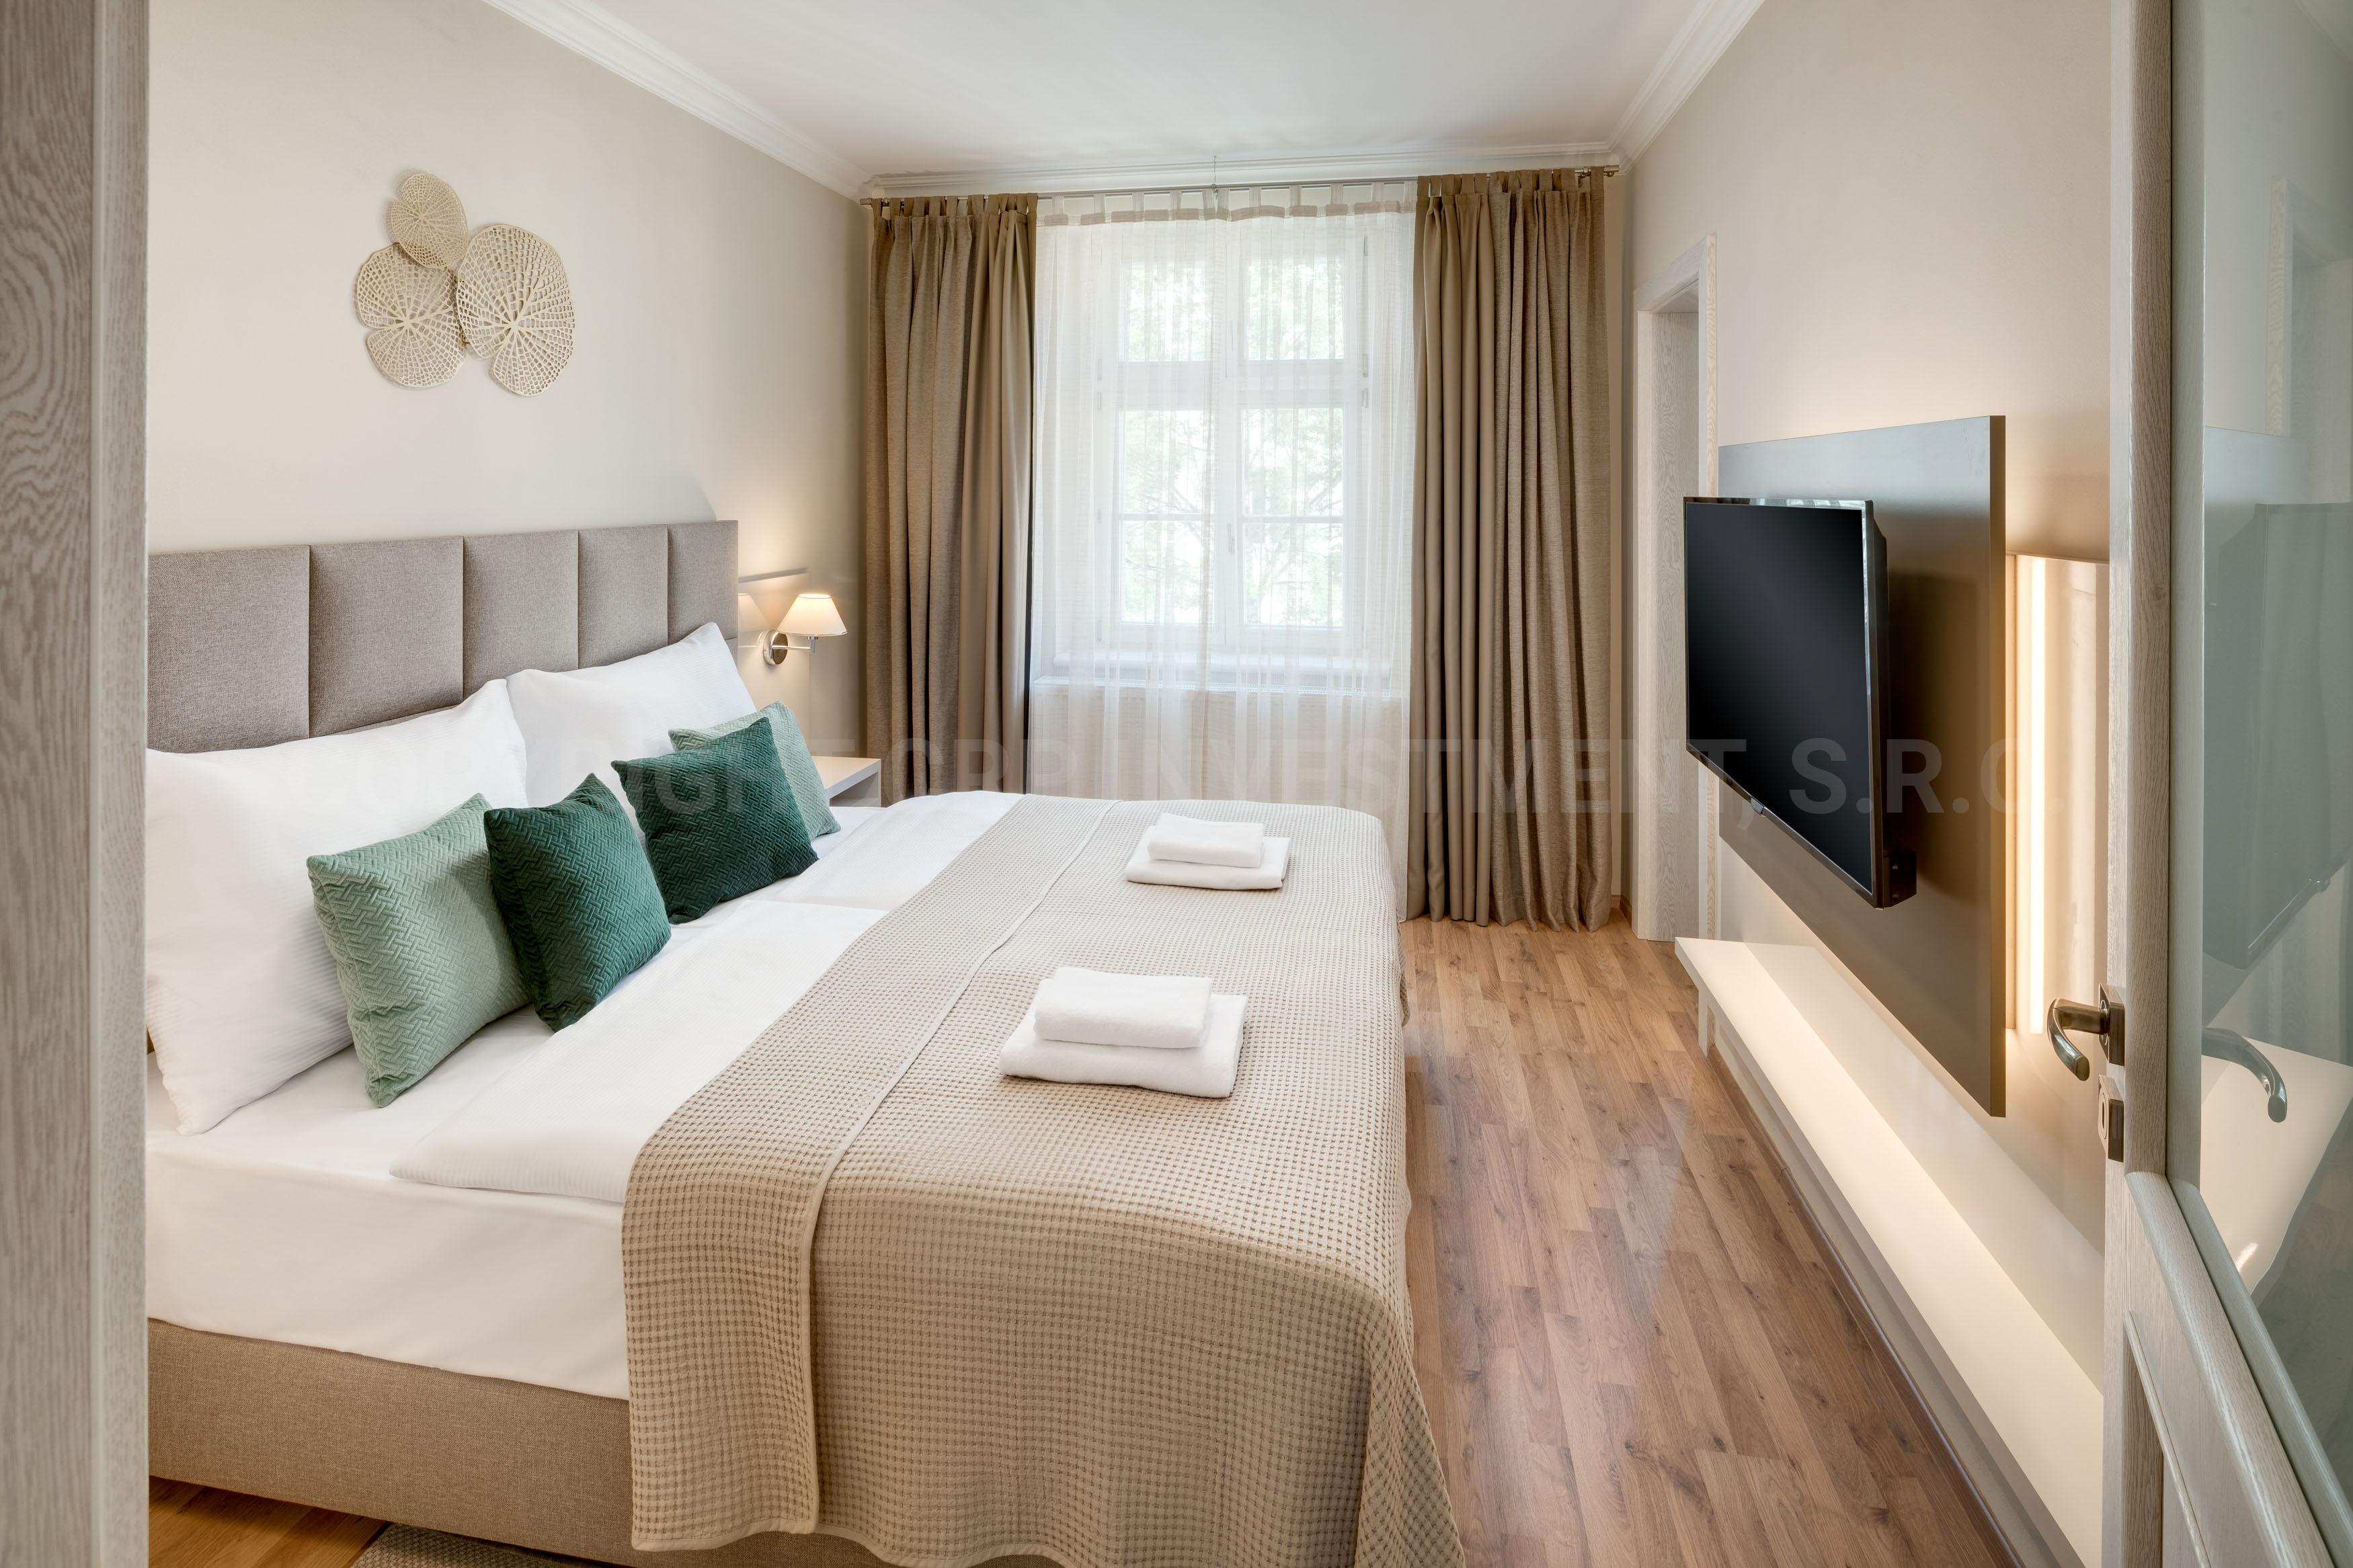 Частные апартаменты в Праге в аренду с одной спальней